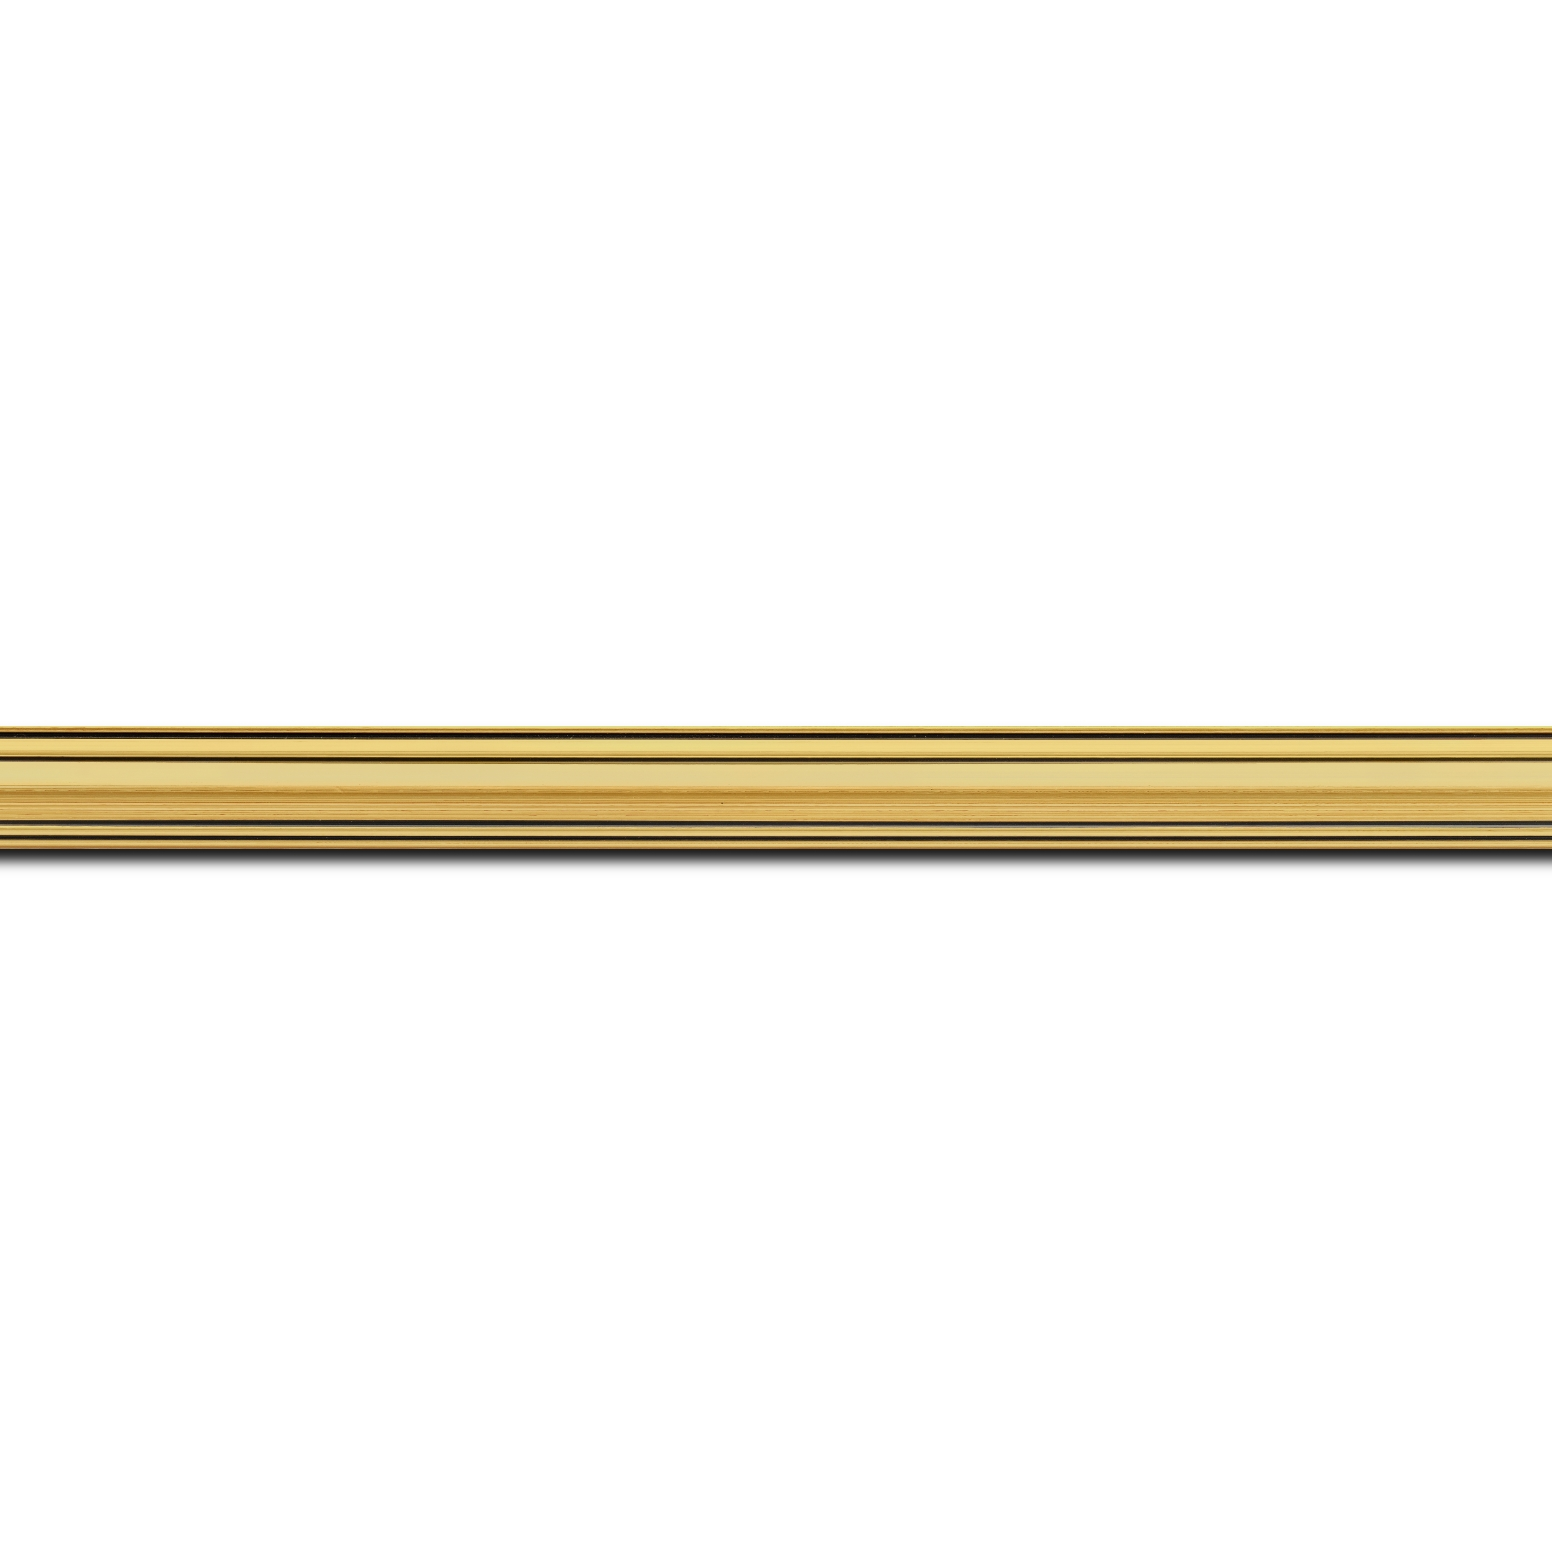 Baguette longueur 1.40m bois profil bombé largeur 5cm couleur or filet noir